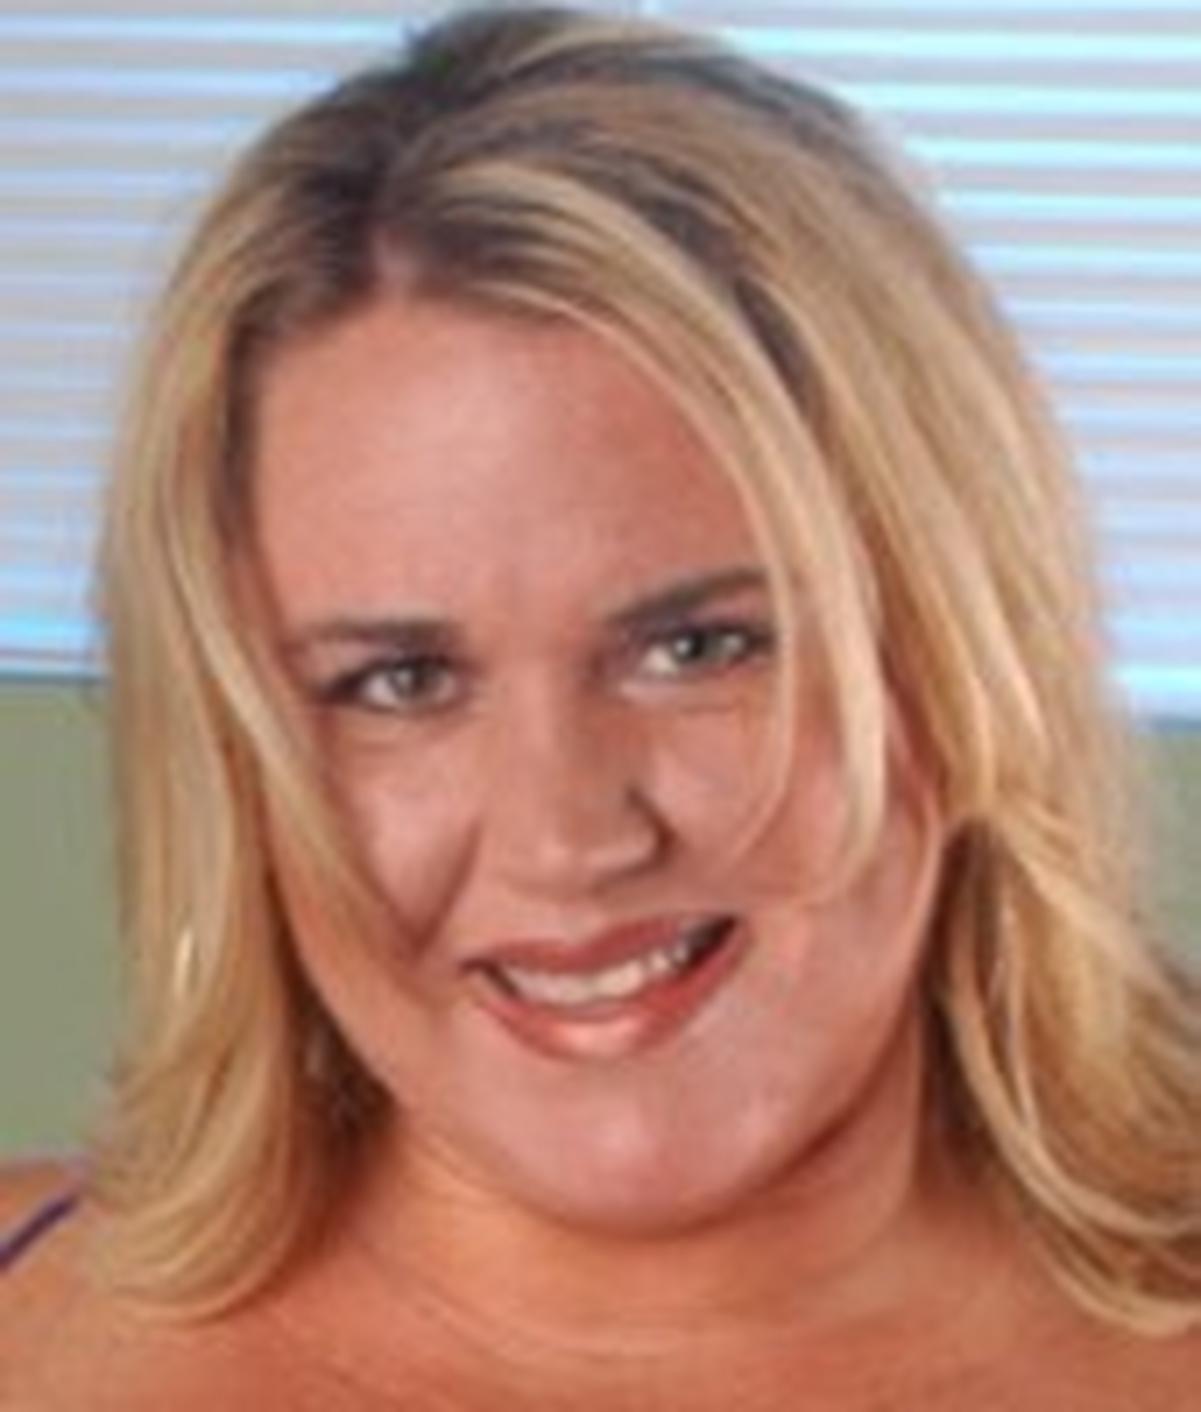 image Rylee peyton blond bbw dan lewis dino bravo Part 8